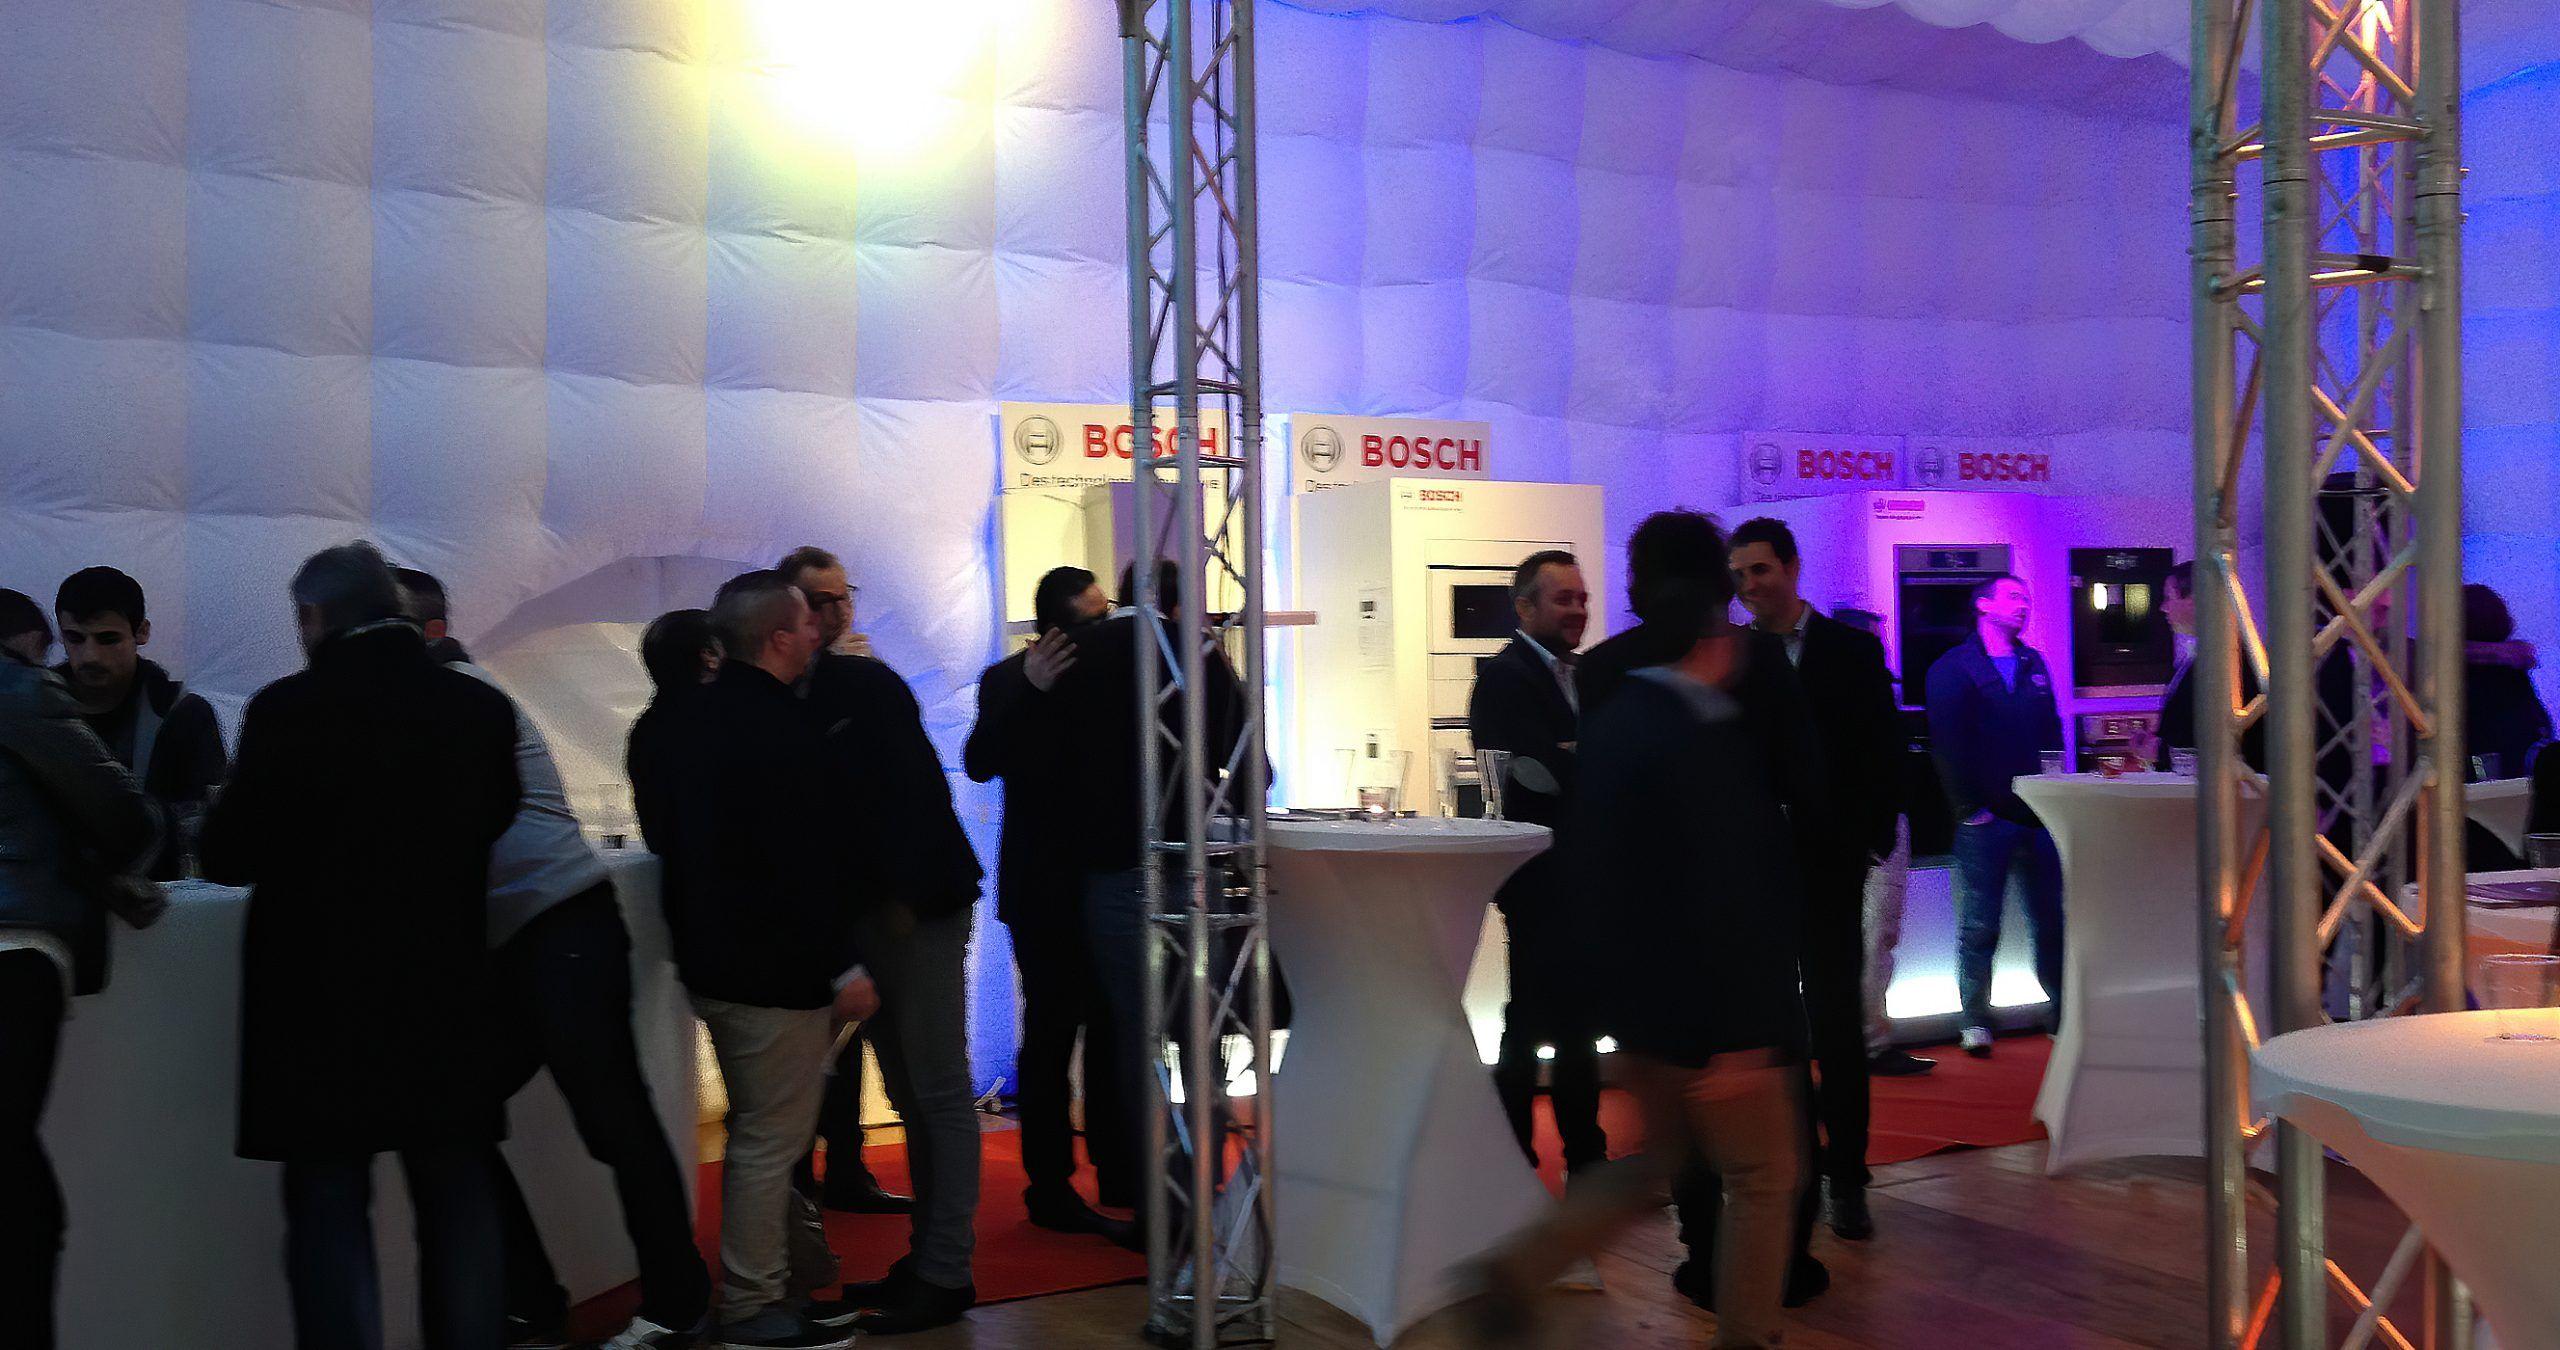 Agence Événementielle Toulouse Showroom siemens bosch foire exposition Onlyevent 4 scaled